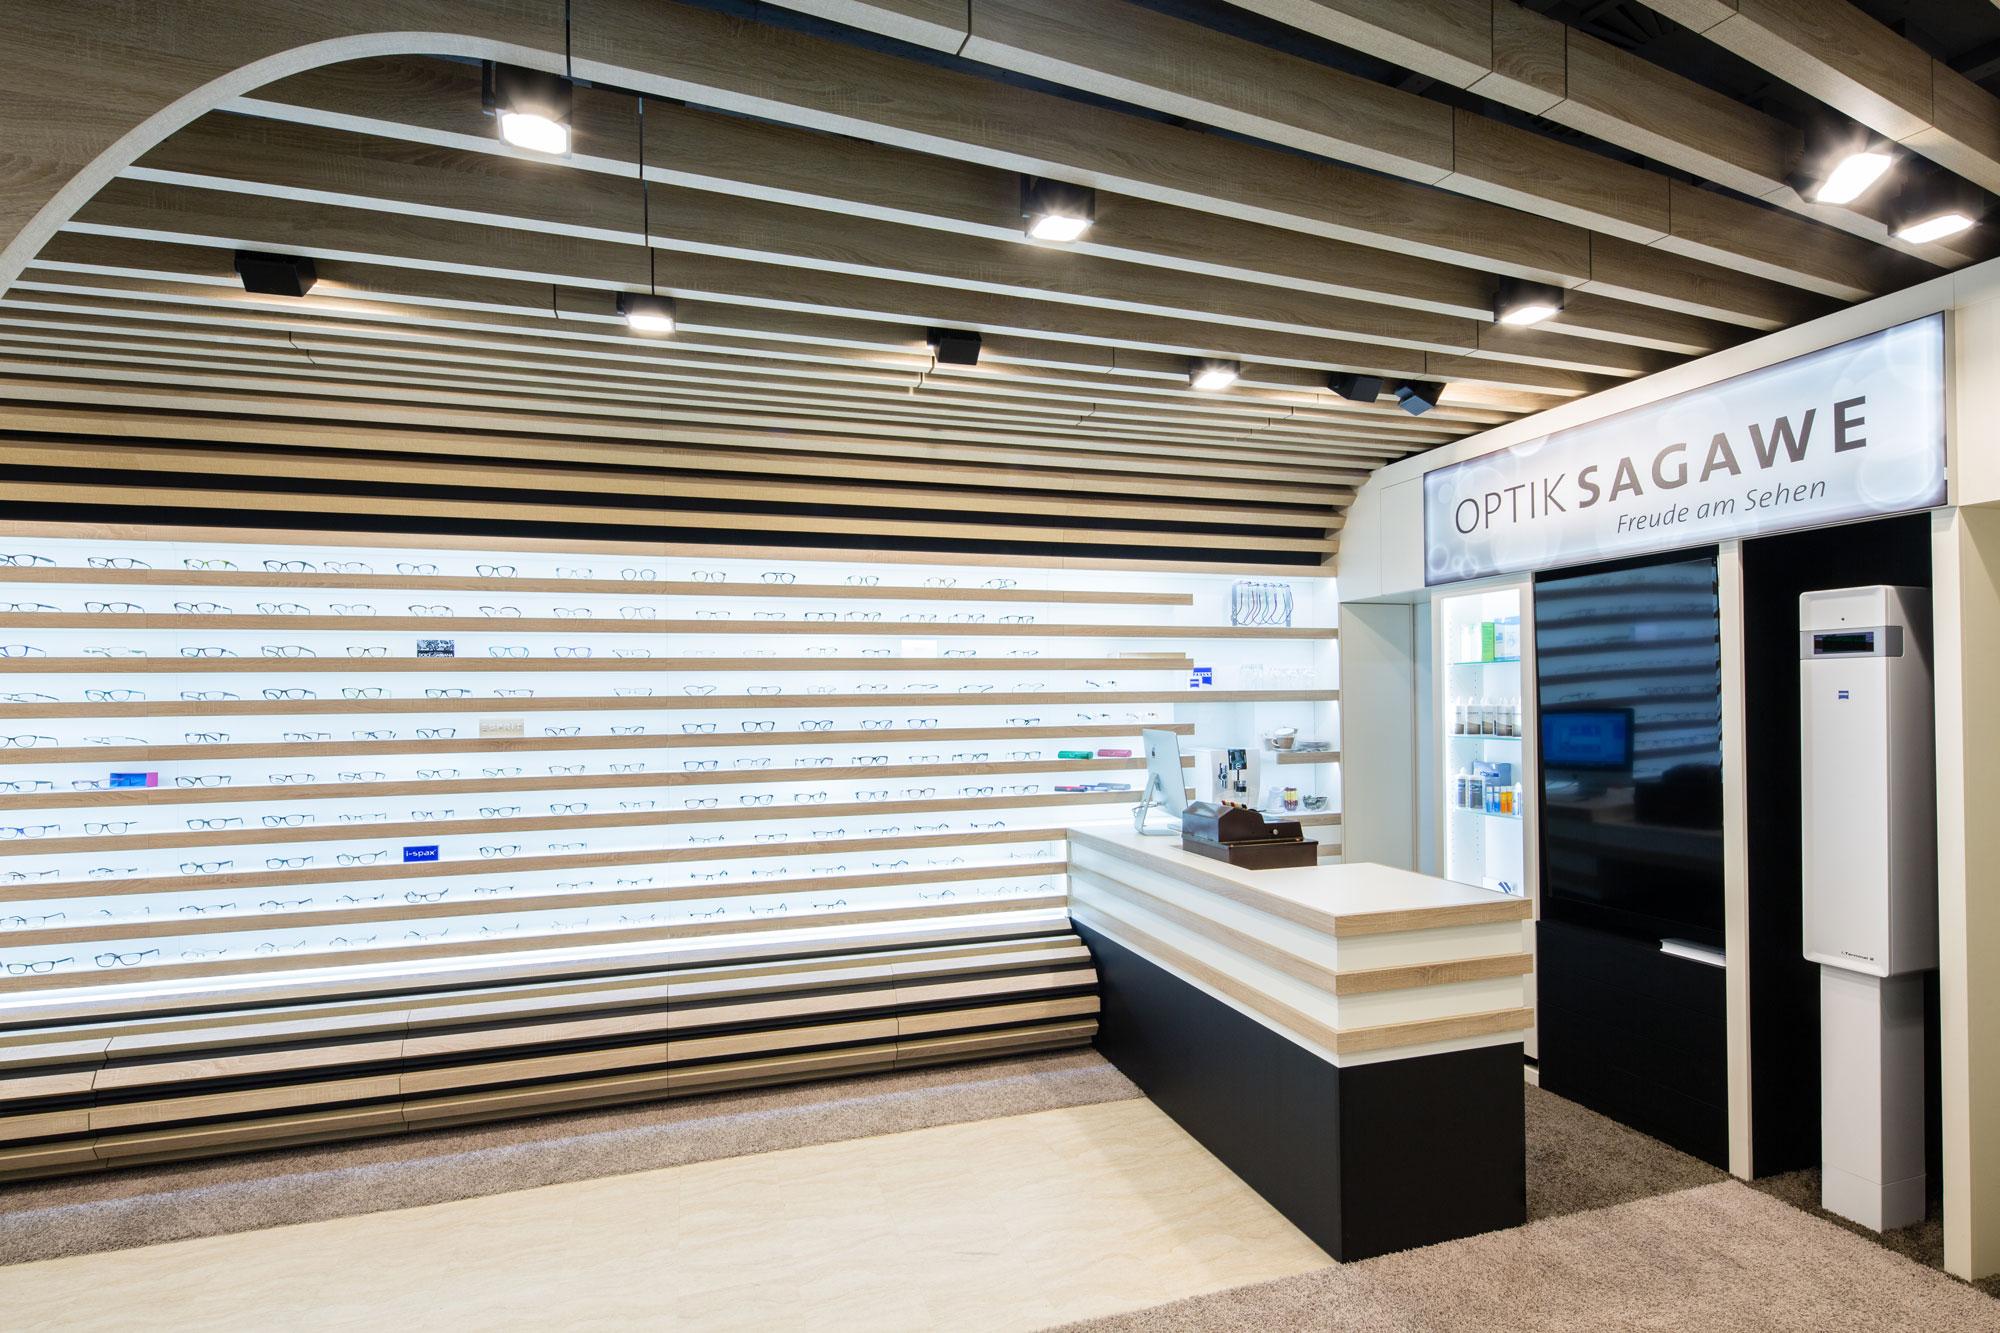 Unser Laden von Optik Sagawe im Rostocker Hof mit dem Zeiss i.Terminal ist das Zeiss Vision Center in Rostock s Innenstadt